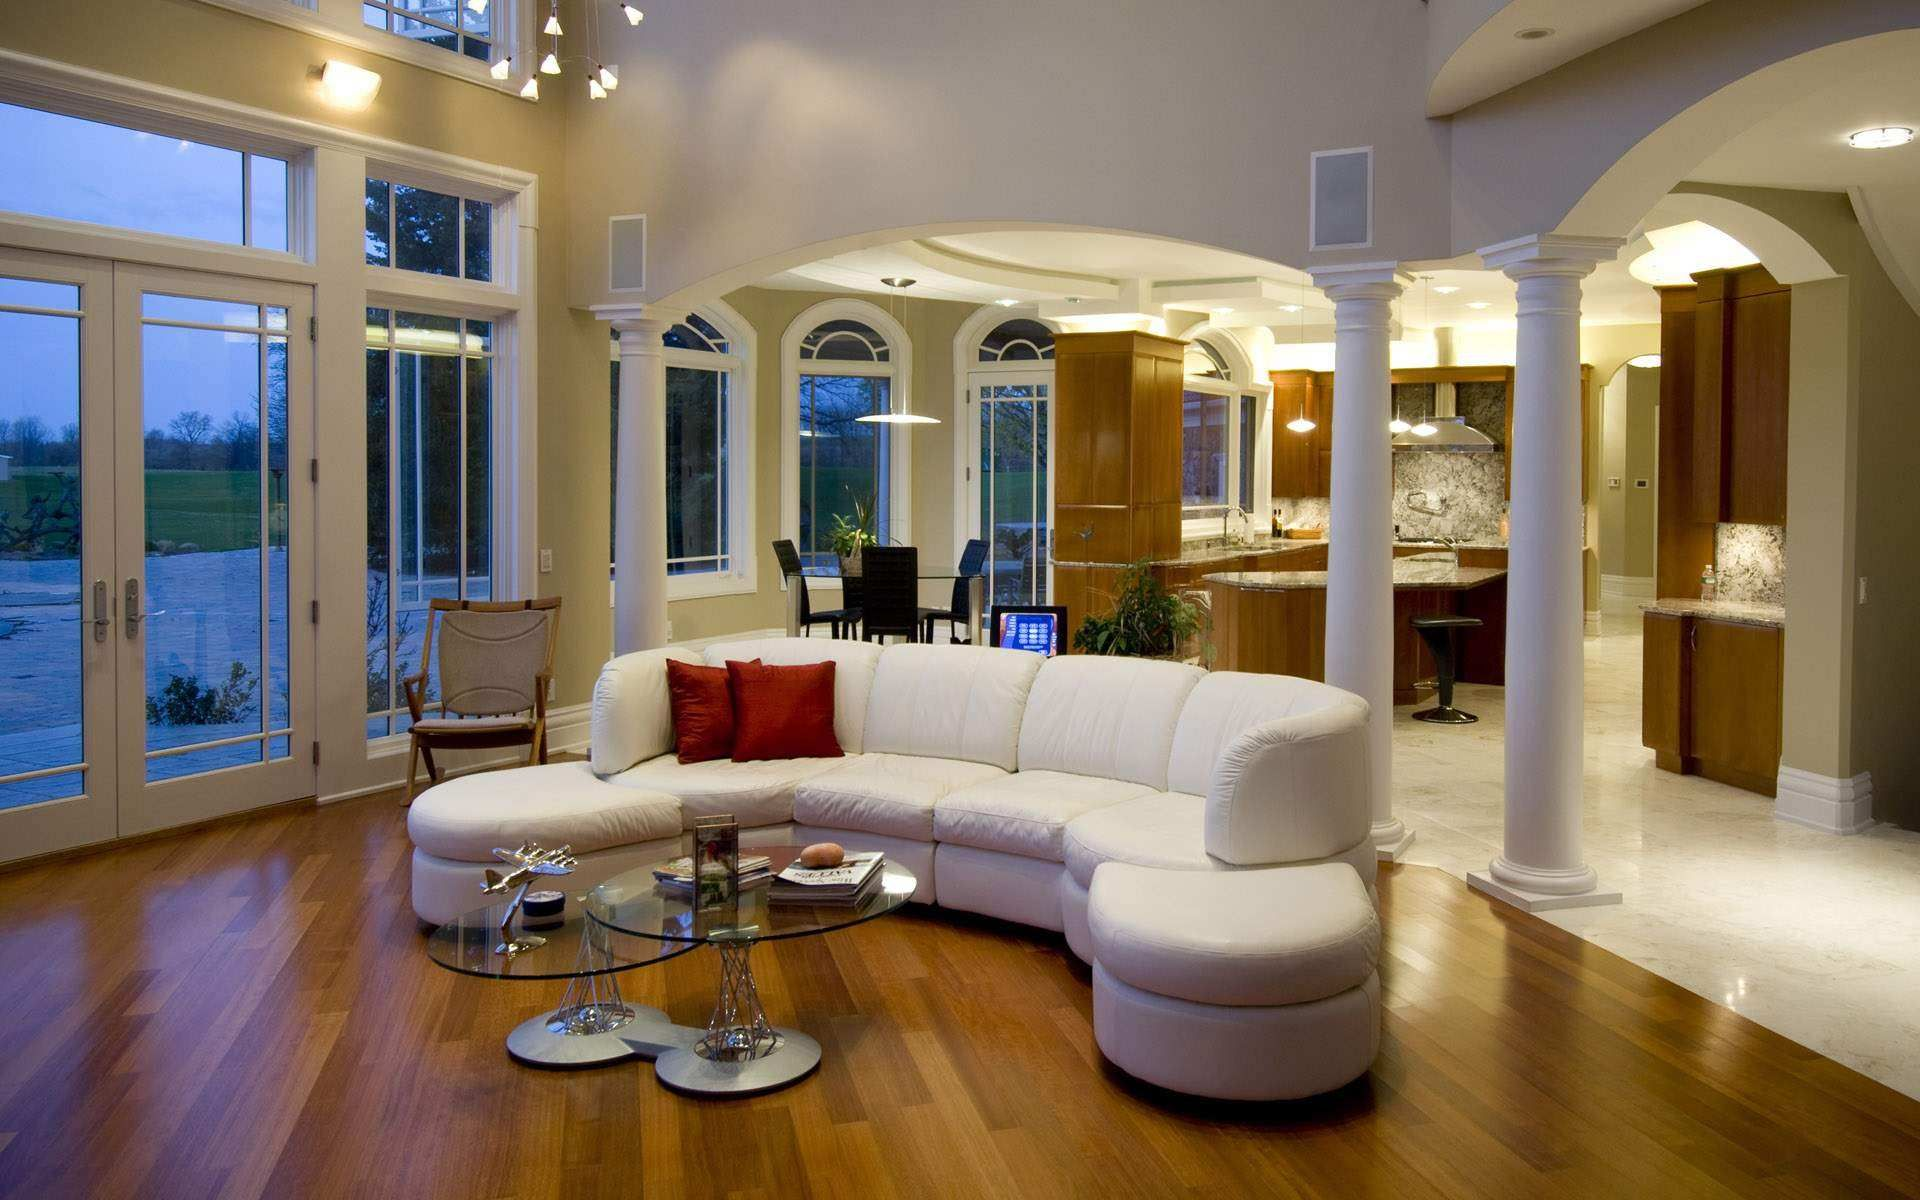 Hochwertig Luxus Wohnzimmer Galerie Pics   Loungemöbel